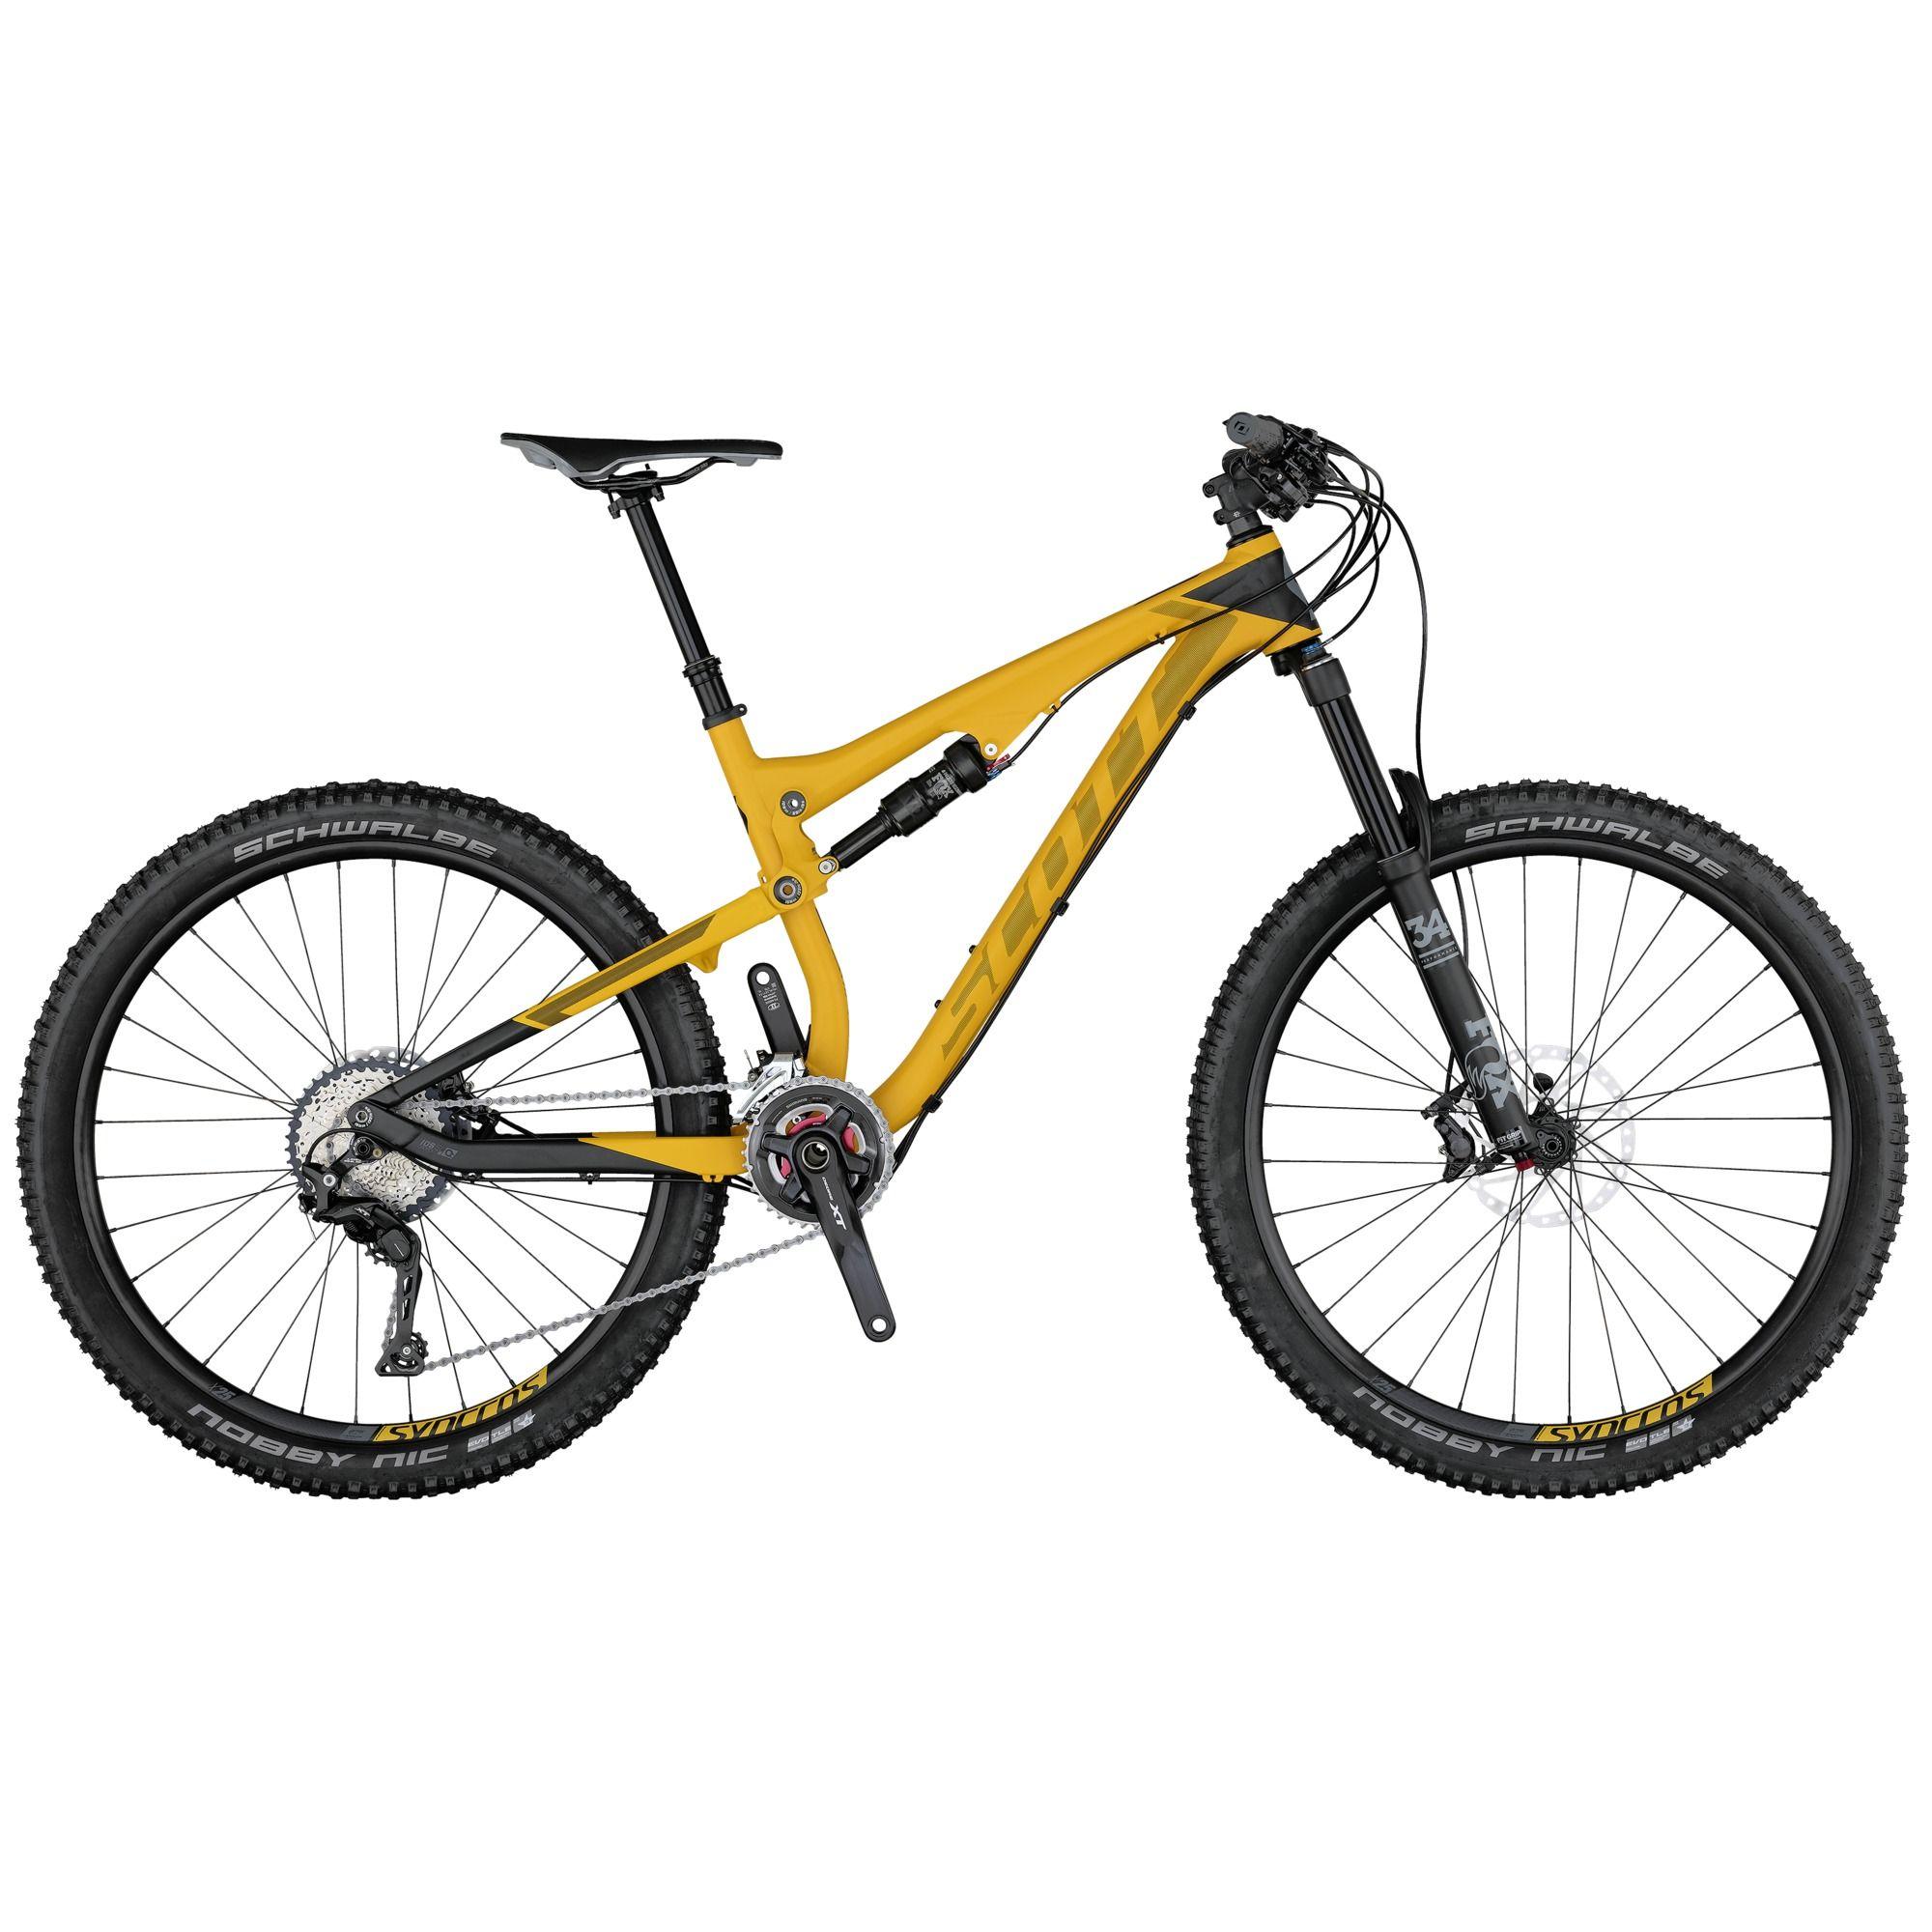 9feb9dbffc3 Scott Genius 730 2016 - Want!! | MTB | Scott bikes, Scott sports ...